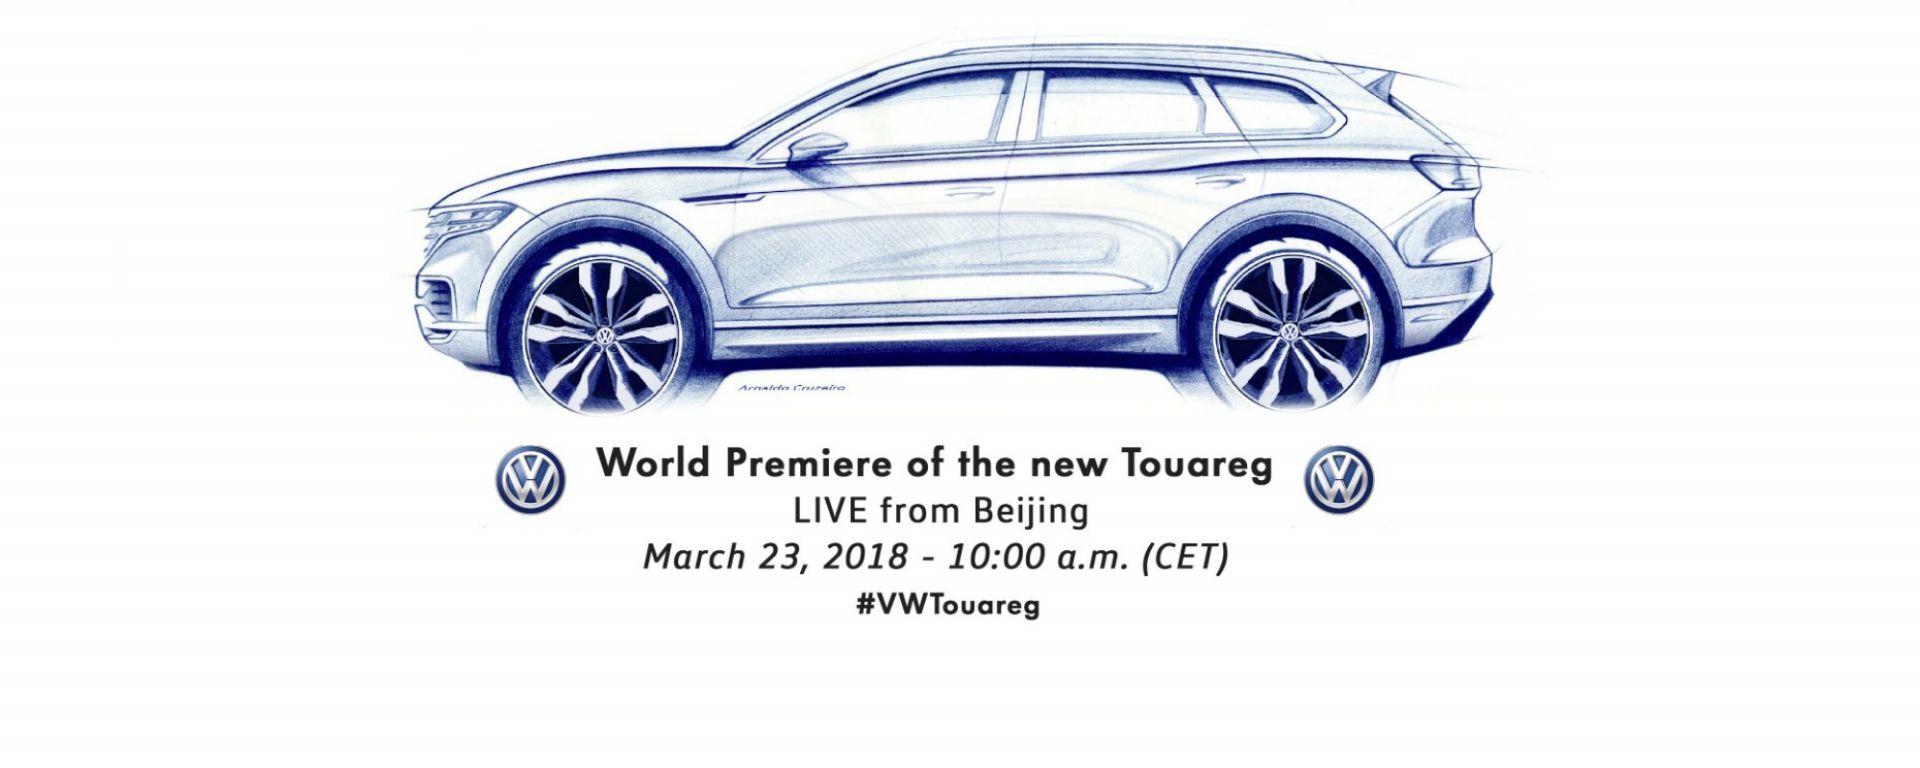 Nuova Volkswagen Touareg: la presentazione in diretta video